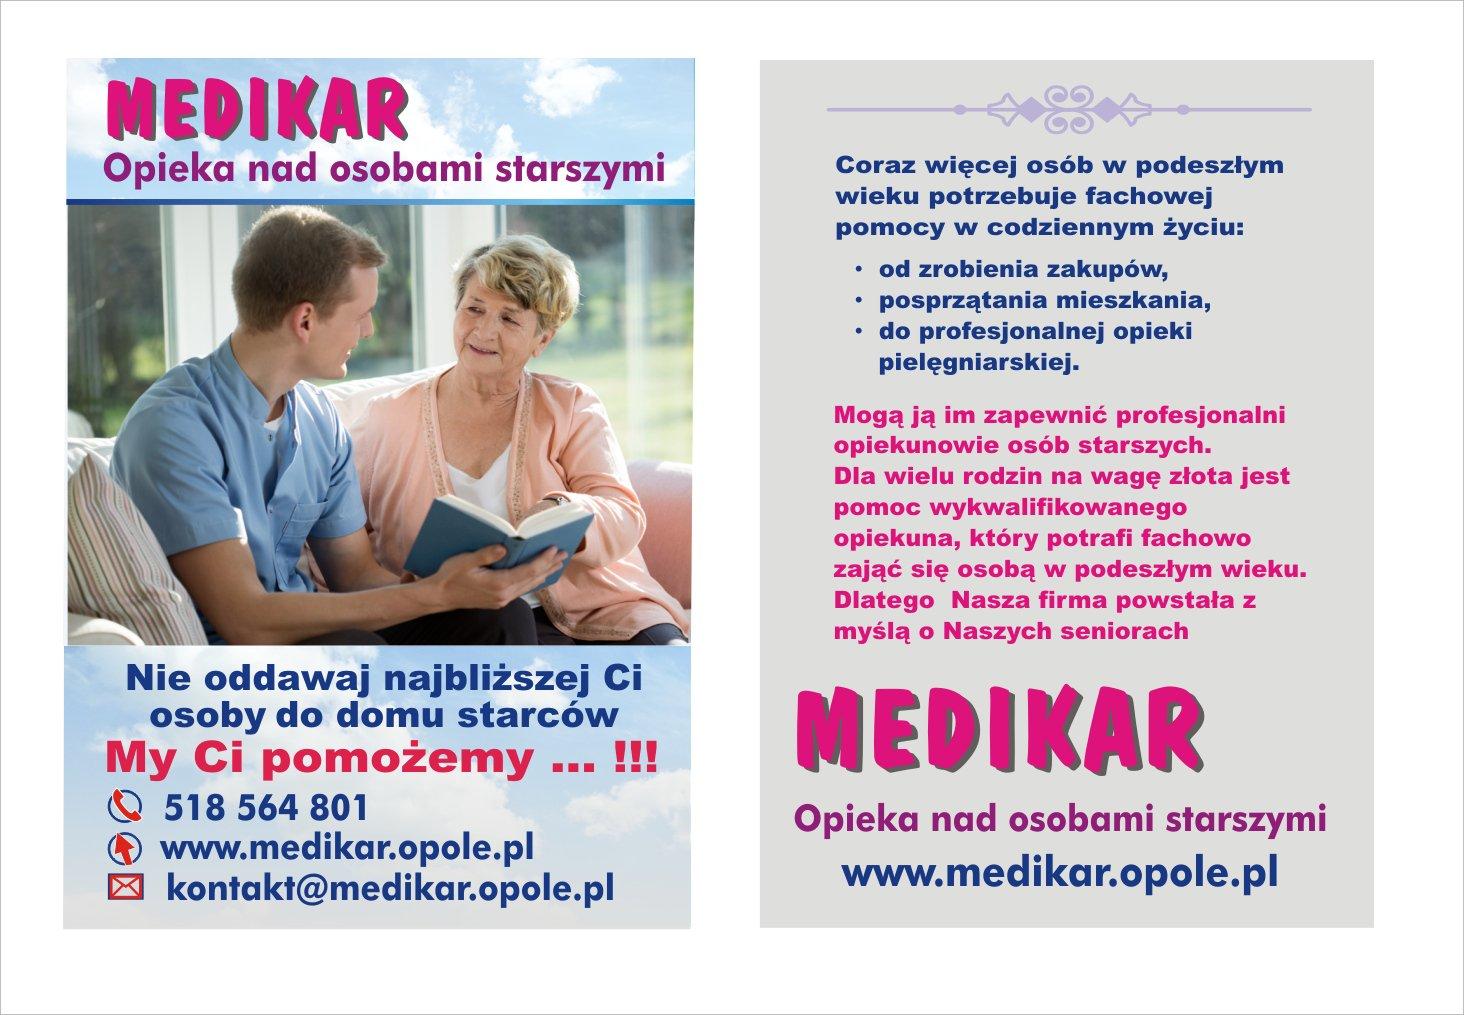 MEDIKAR Profesjonalna opieka nad osobami starszymi